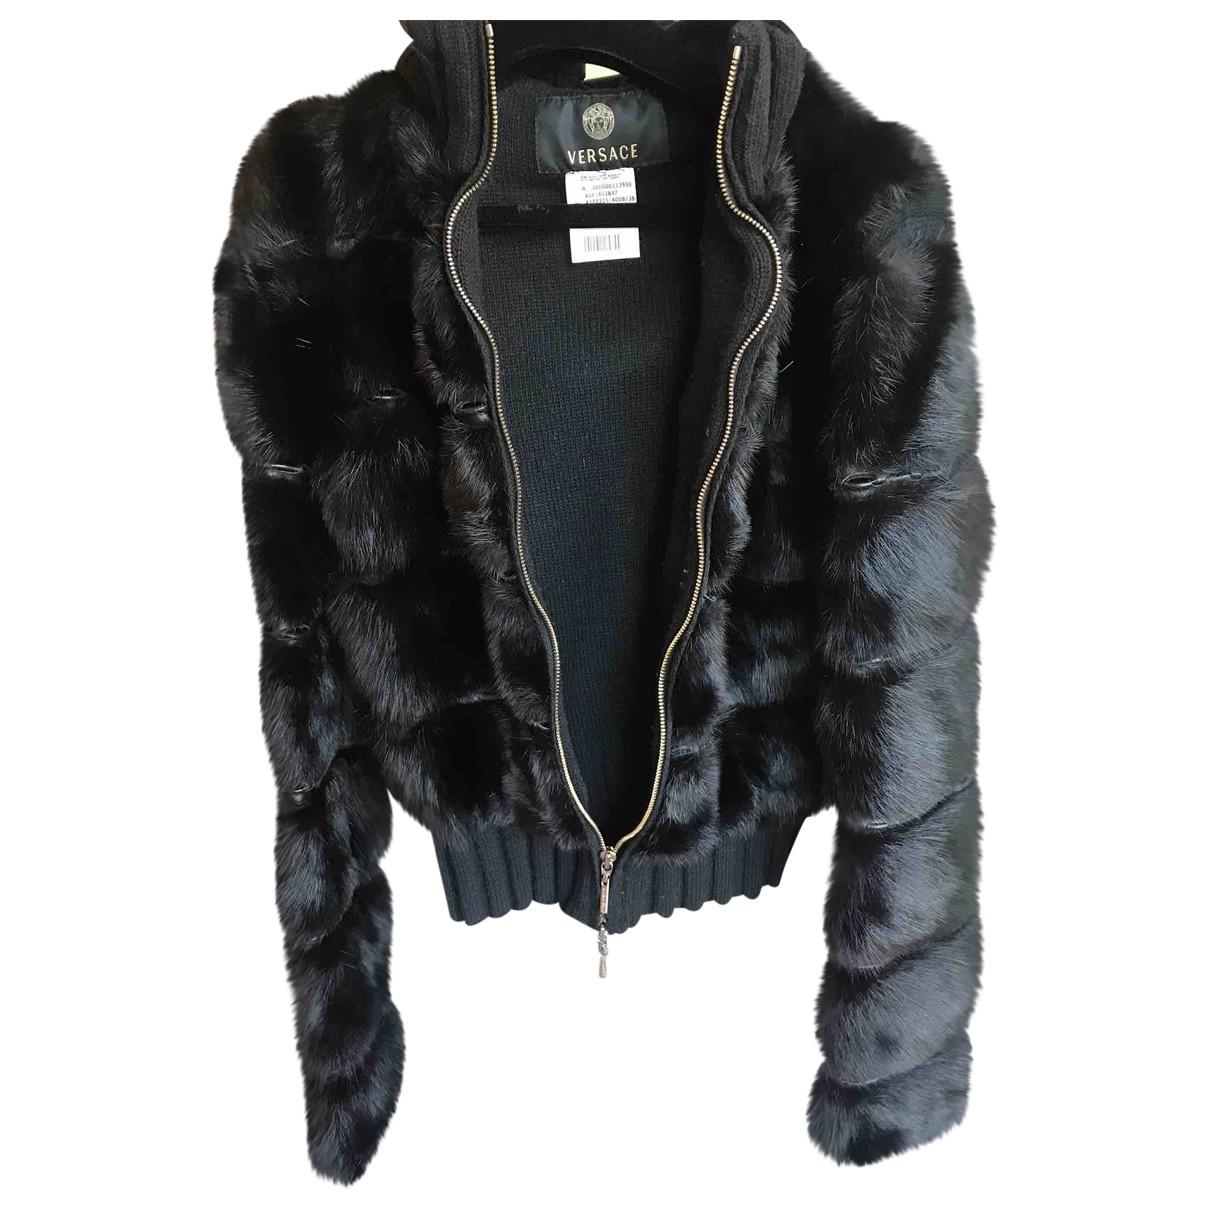 Versace \N Black Mink jacket for Women 38 IT